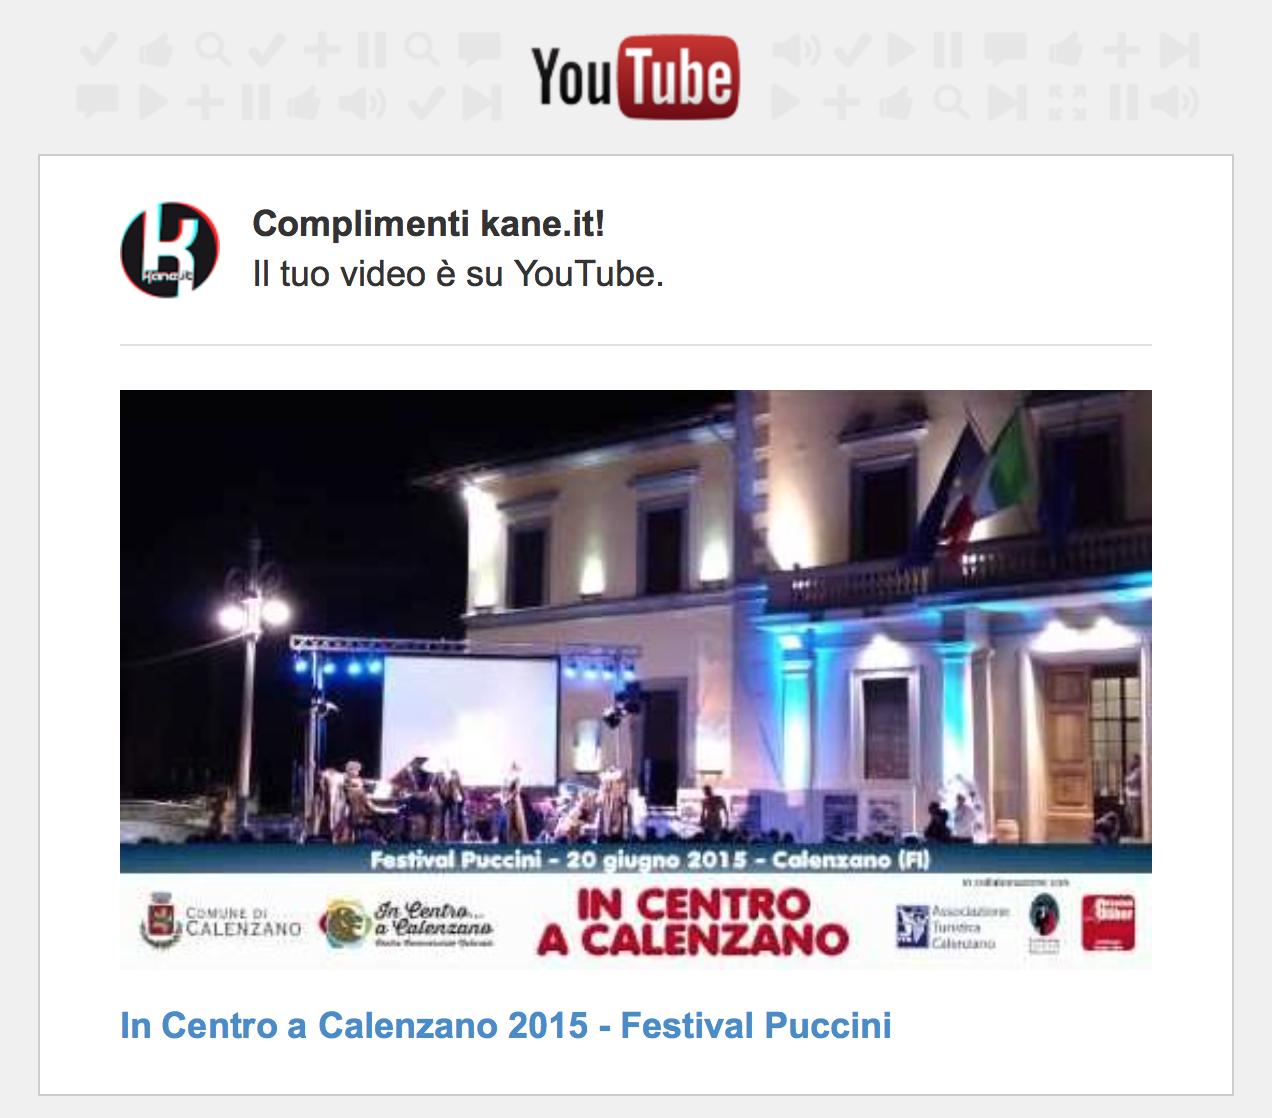 Festival Puccini a Calenzano